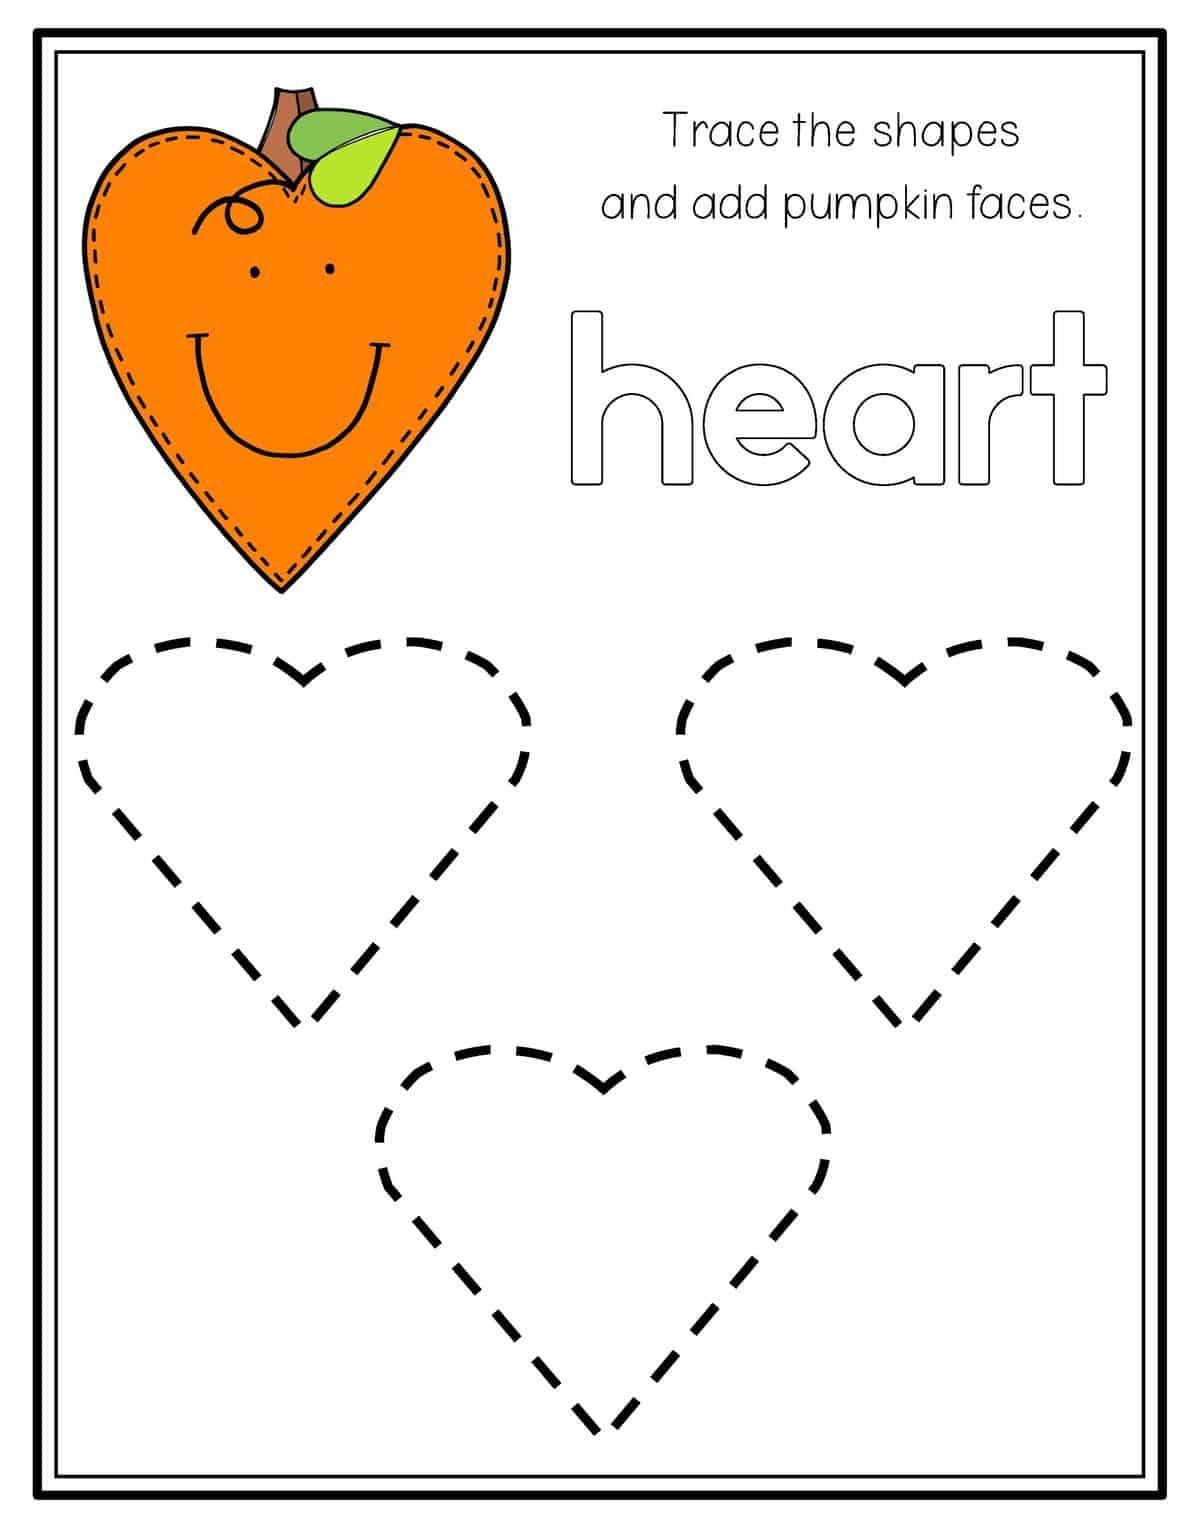 Pumpkin Shape Tracing Shape Worksheets For Preschool Shapes Preschool Shapes Worksheets [ 1538 x 1200 Pixel ]